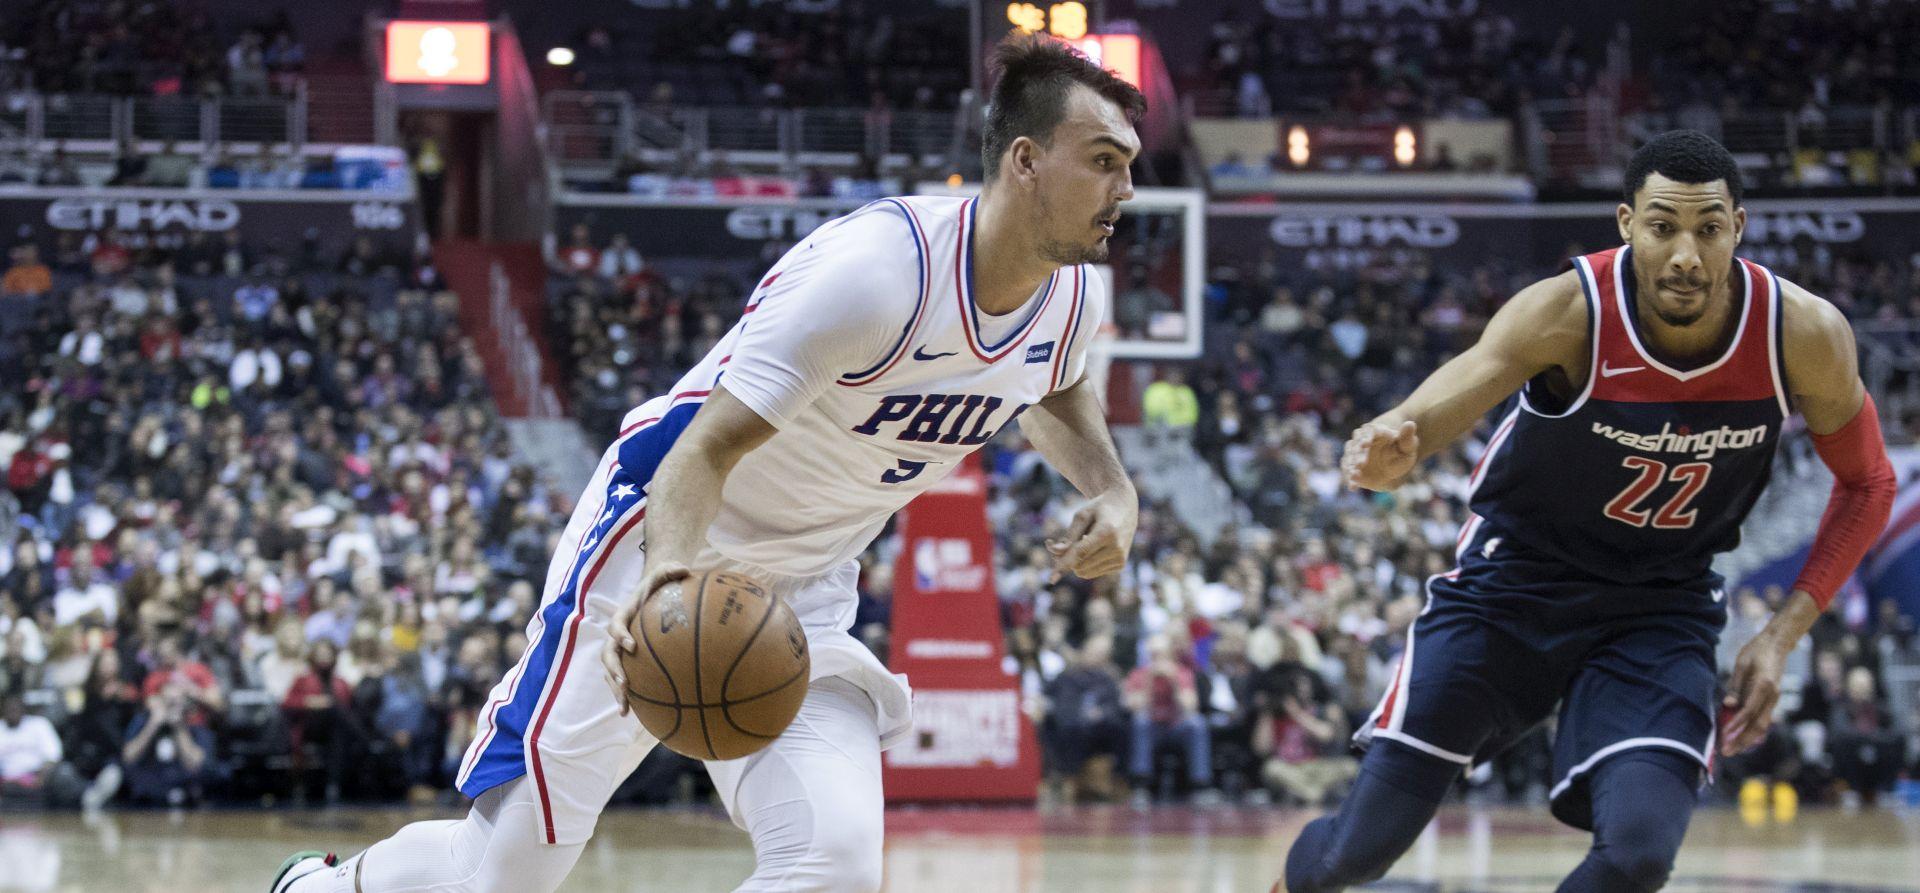 NBA Šarić sjajan u pobjedi Philadelphije